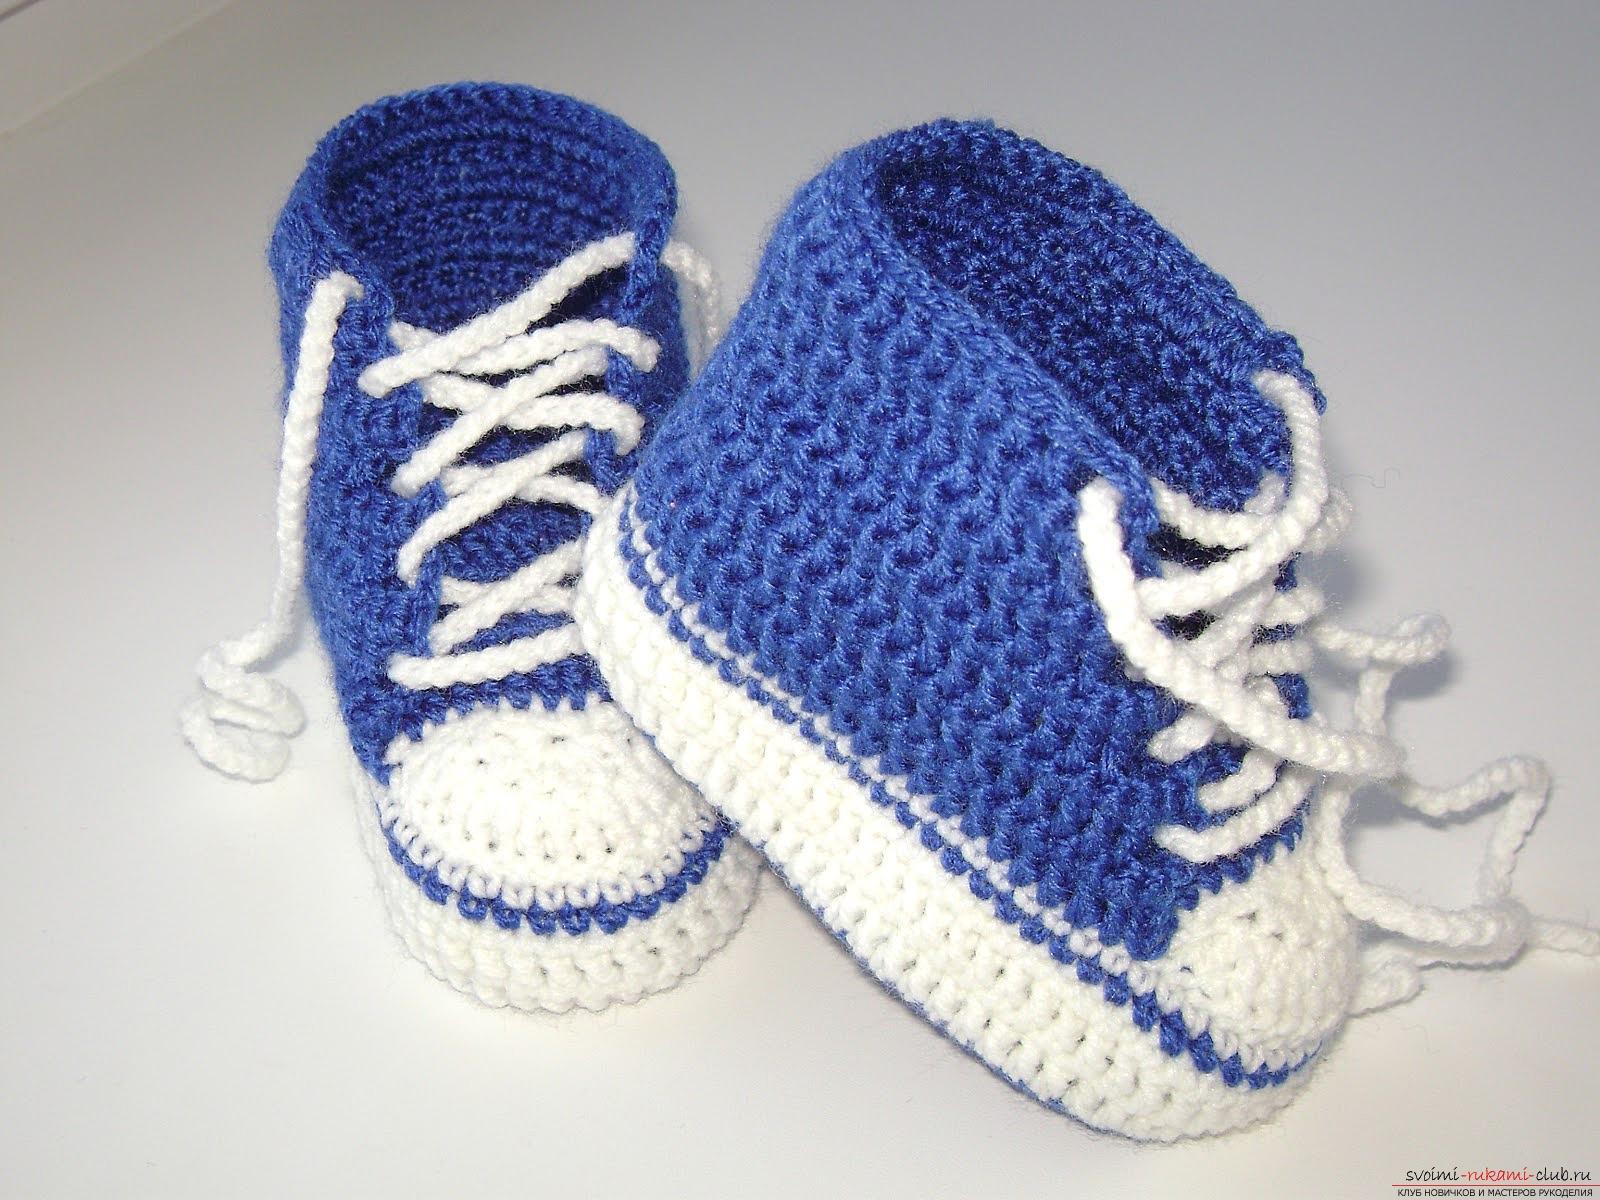 Пинетки для новорожденных и детей постарше. фото красивых пинеток разных моделей. | энциклопедия обуви